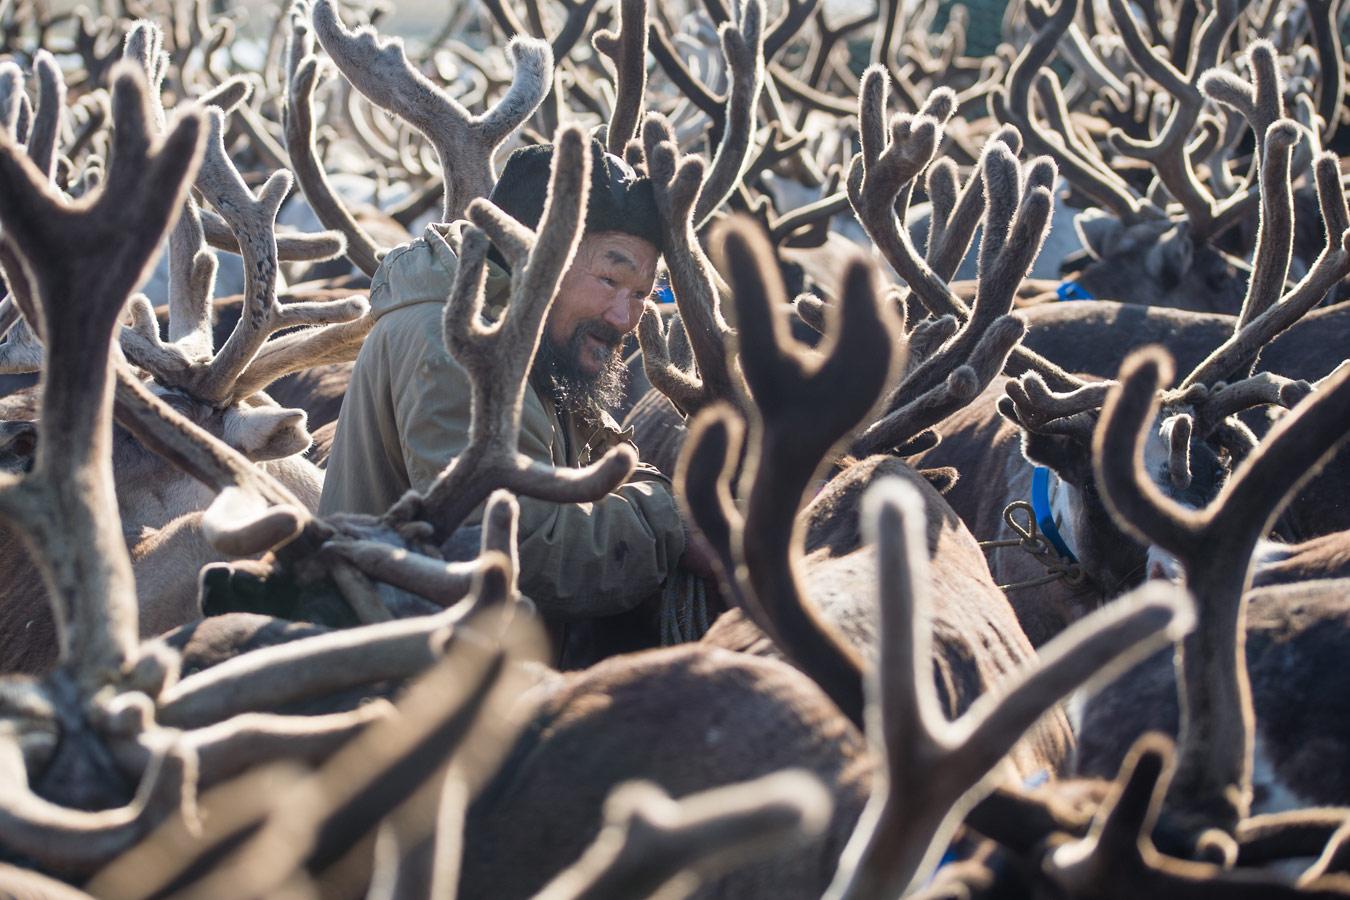 Портрет ненца, Ненецкий АО, © Сергей Ладыкин, 3 место, Фотоконкурс «Русская цивилизация»